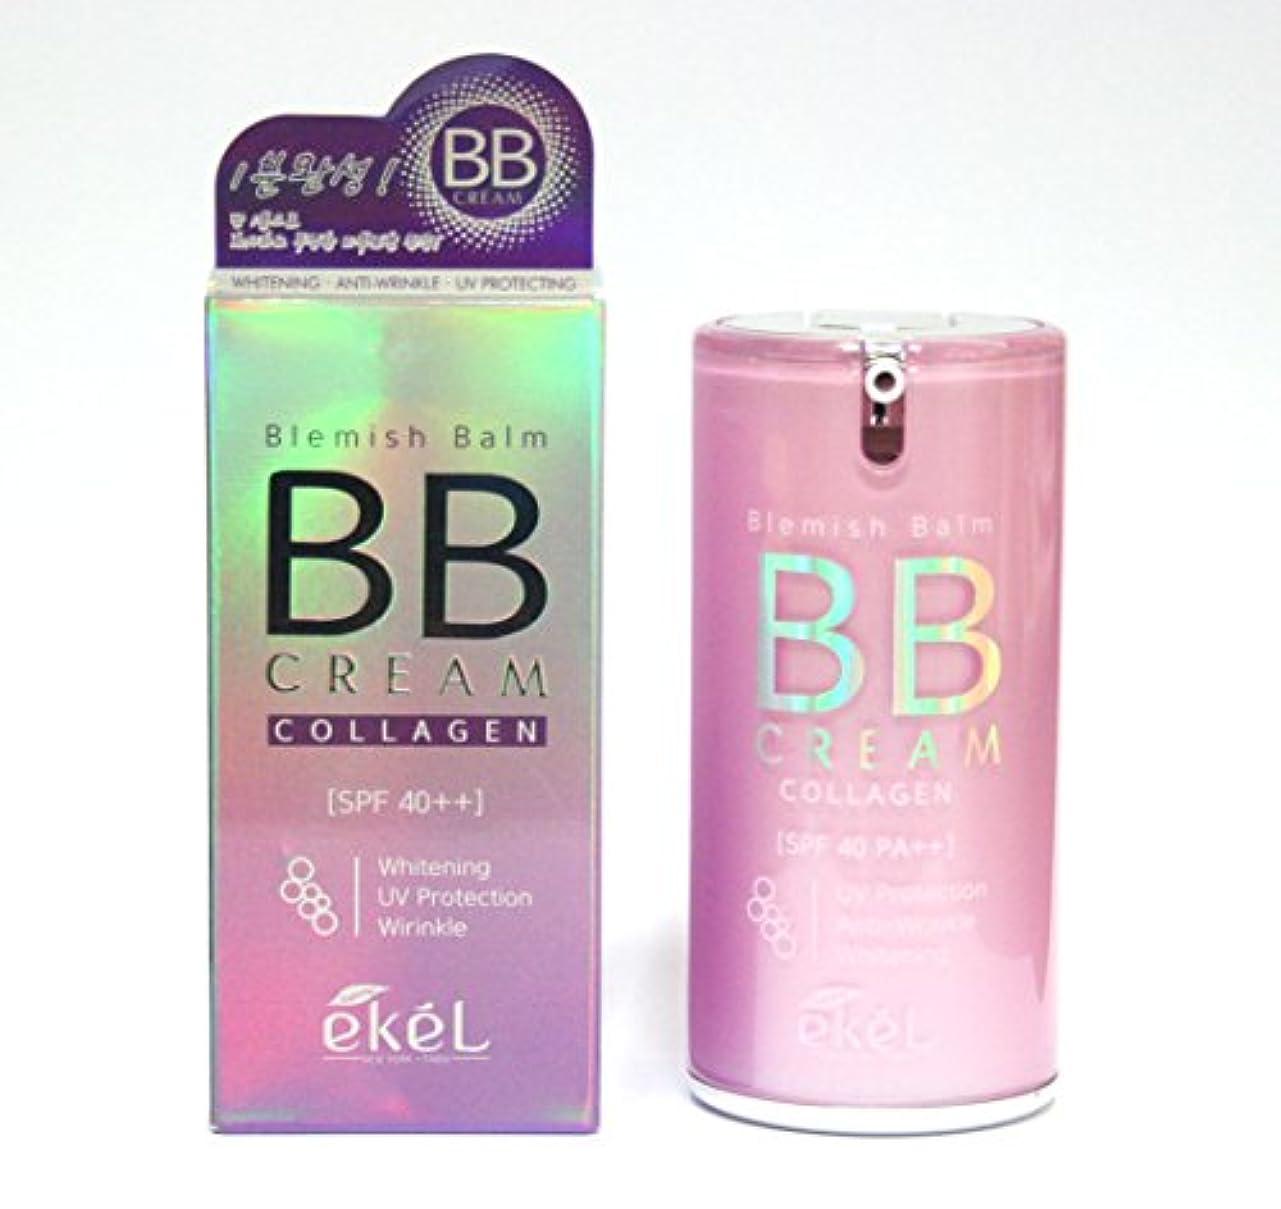 当社貴重なブラスト[EKEL] ブレミッシュバームコラーゲンBBクリーム50g / Blemish Balm Collagen BB Cream 50g /ホワイトニング、UV保護、しわ / whitening, uv protection...